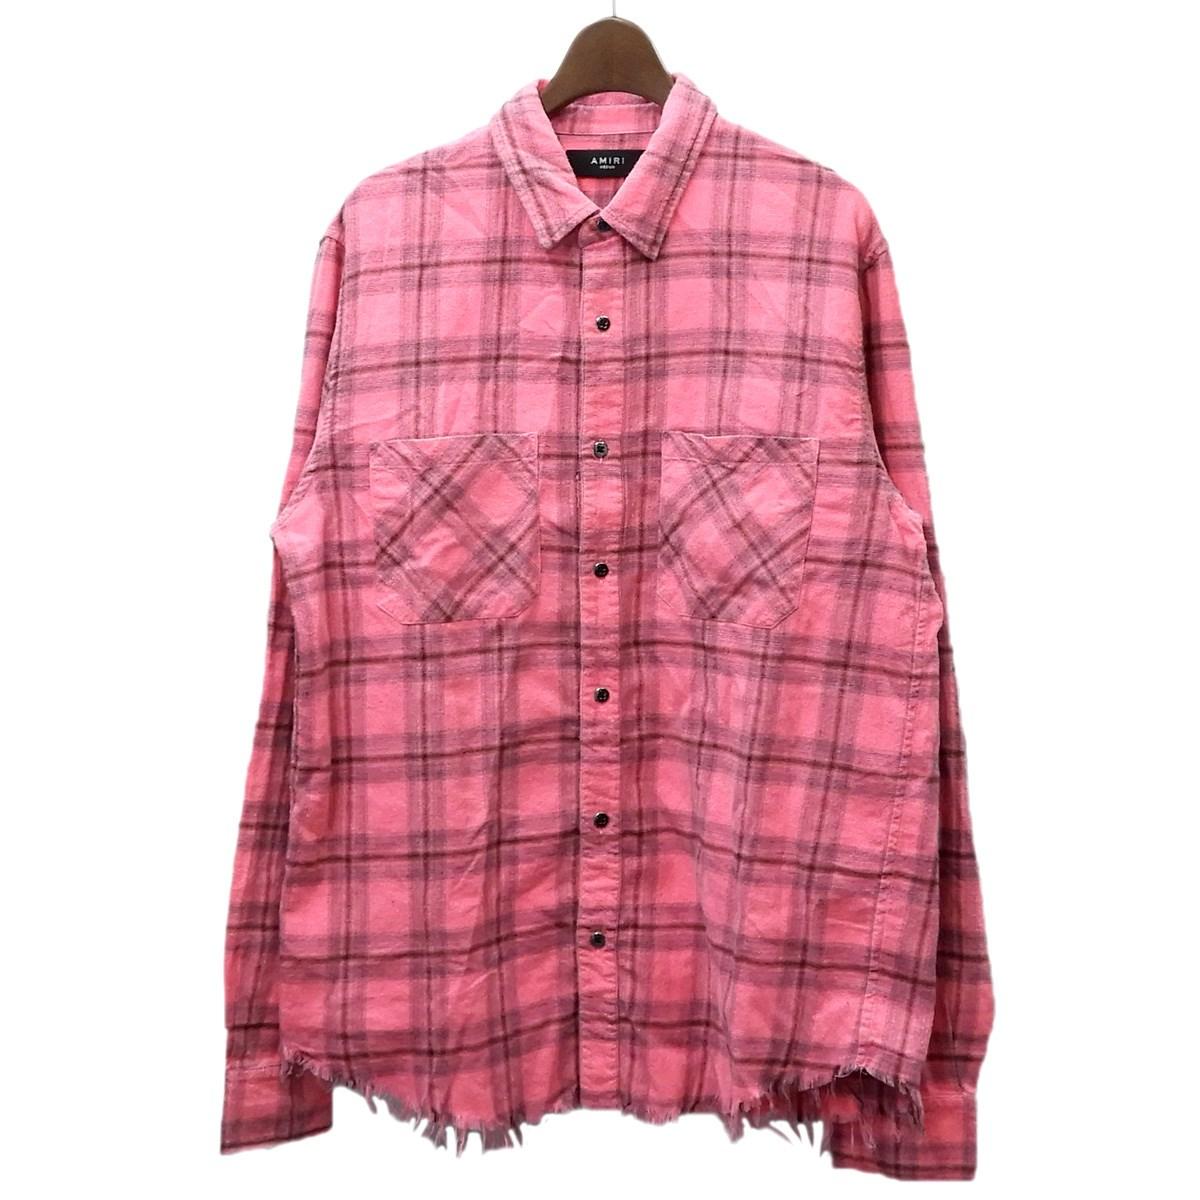 【中古】AMIRI 「Core Ombre Plaid Shirt」オンブレチェックシャツ ネオンピンク サイズ:M 【150220】(アミリ)